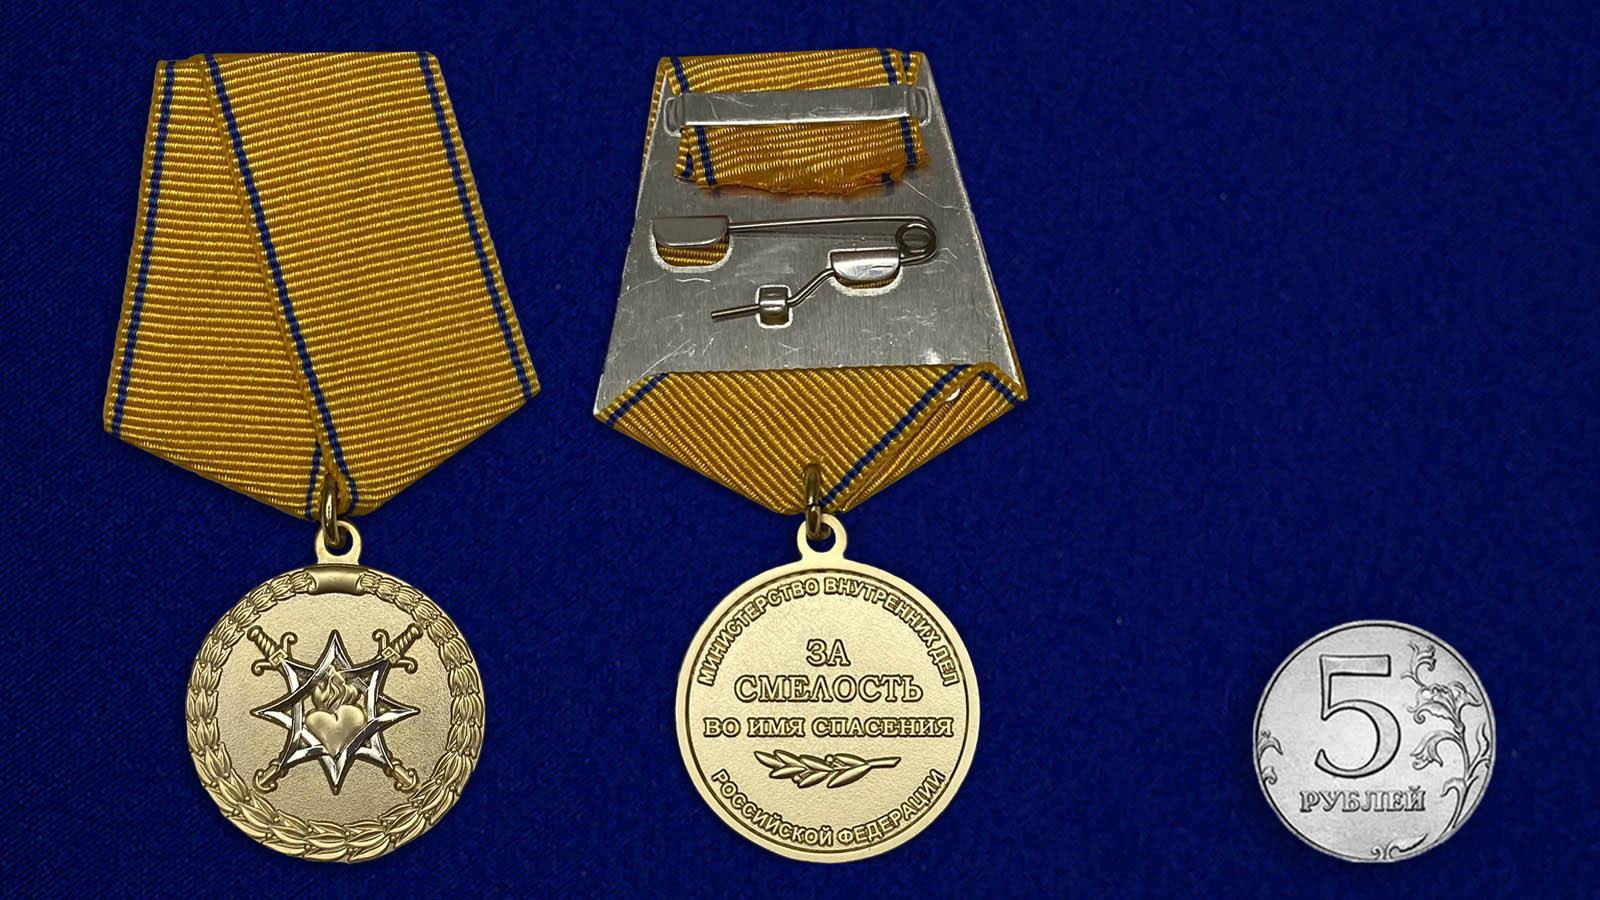 Медаль За смелость во имя спасения МВД России на подставке - сравнительный вид